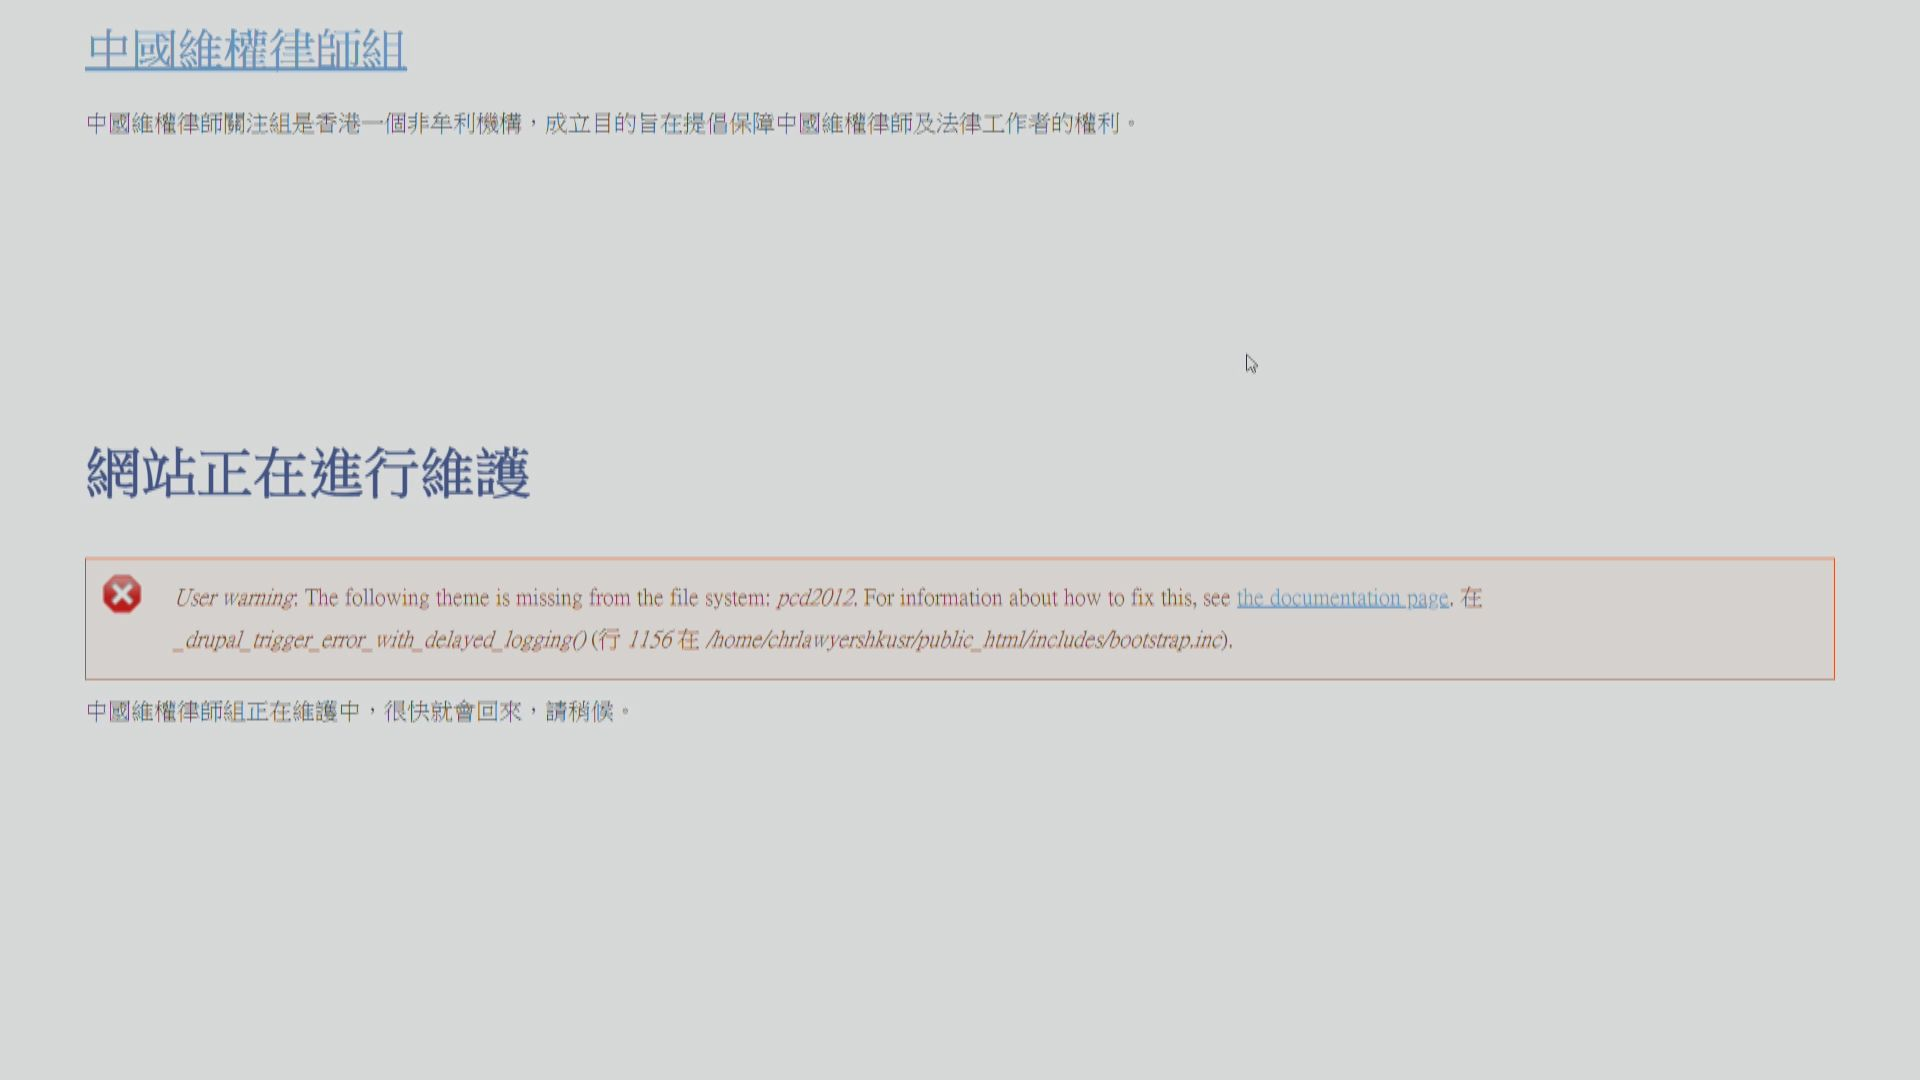 中國維權律師關注組解散及啟動清盤 董事辭任